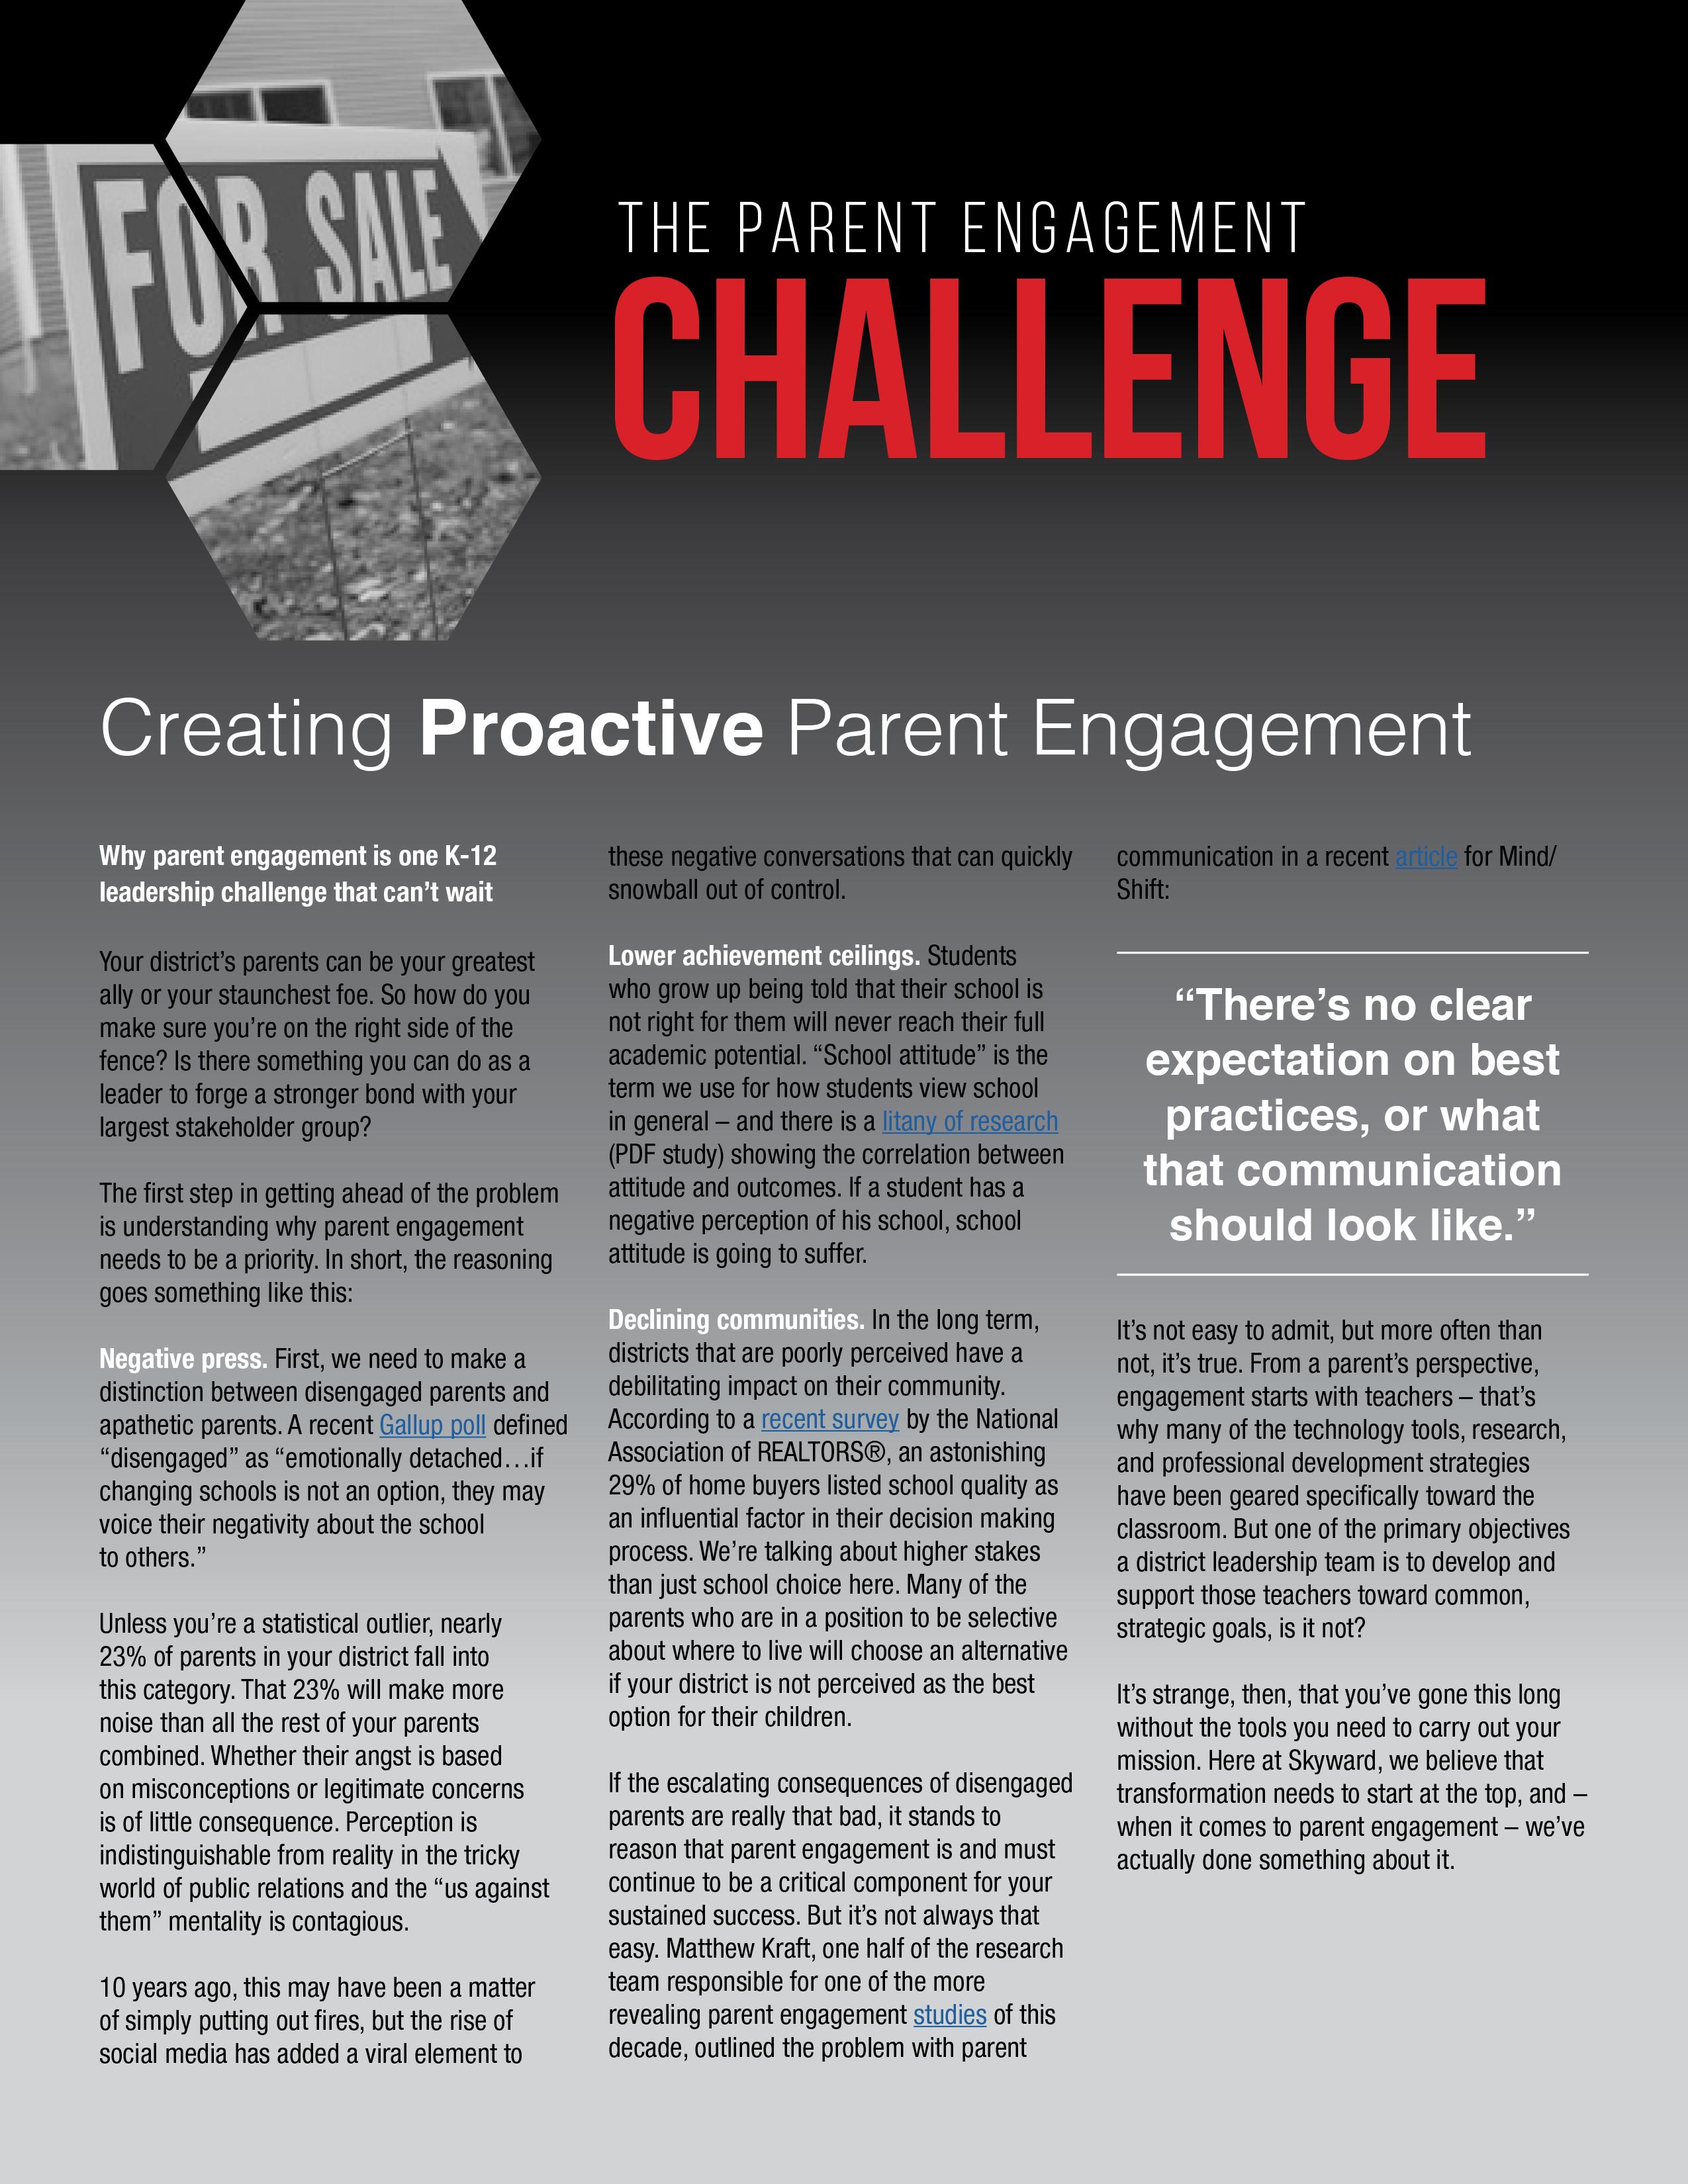 proactive parent engagement